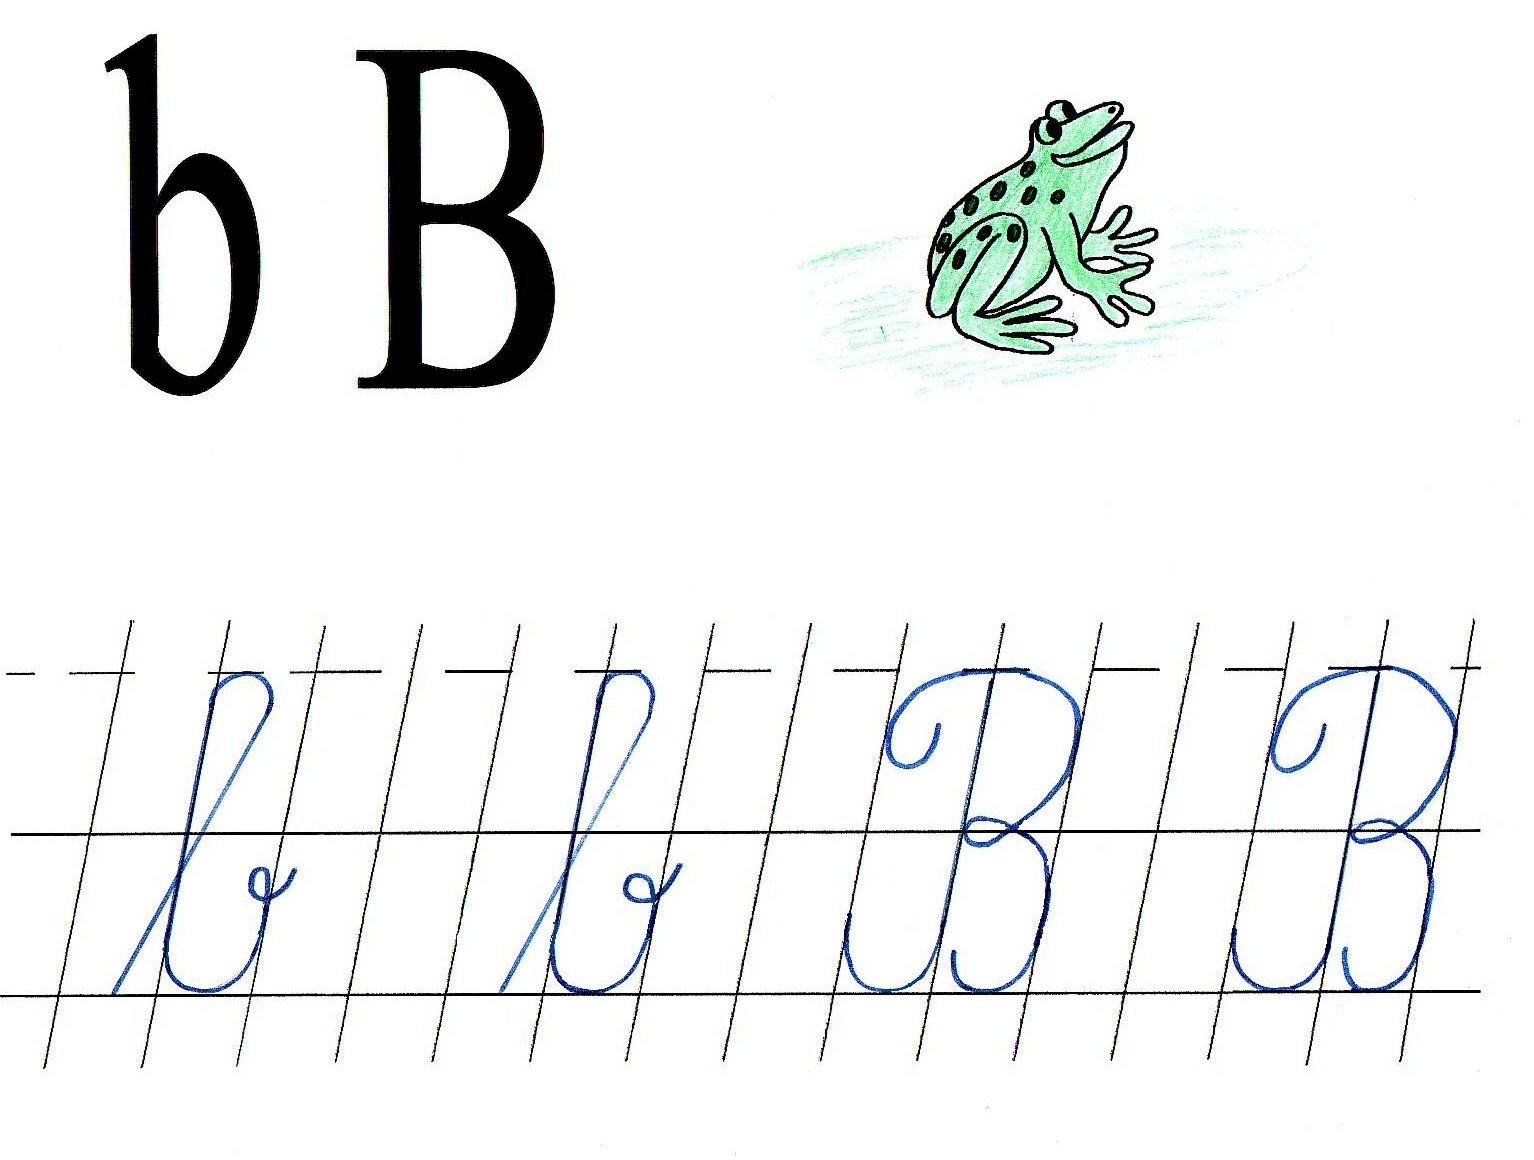 Literele B Mic Si B Mare De Mana Anideșcoalăro